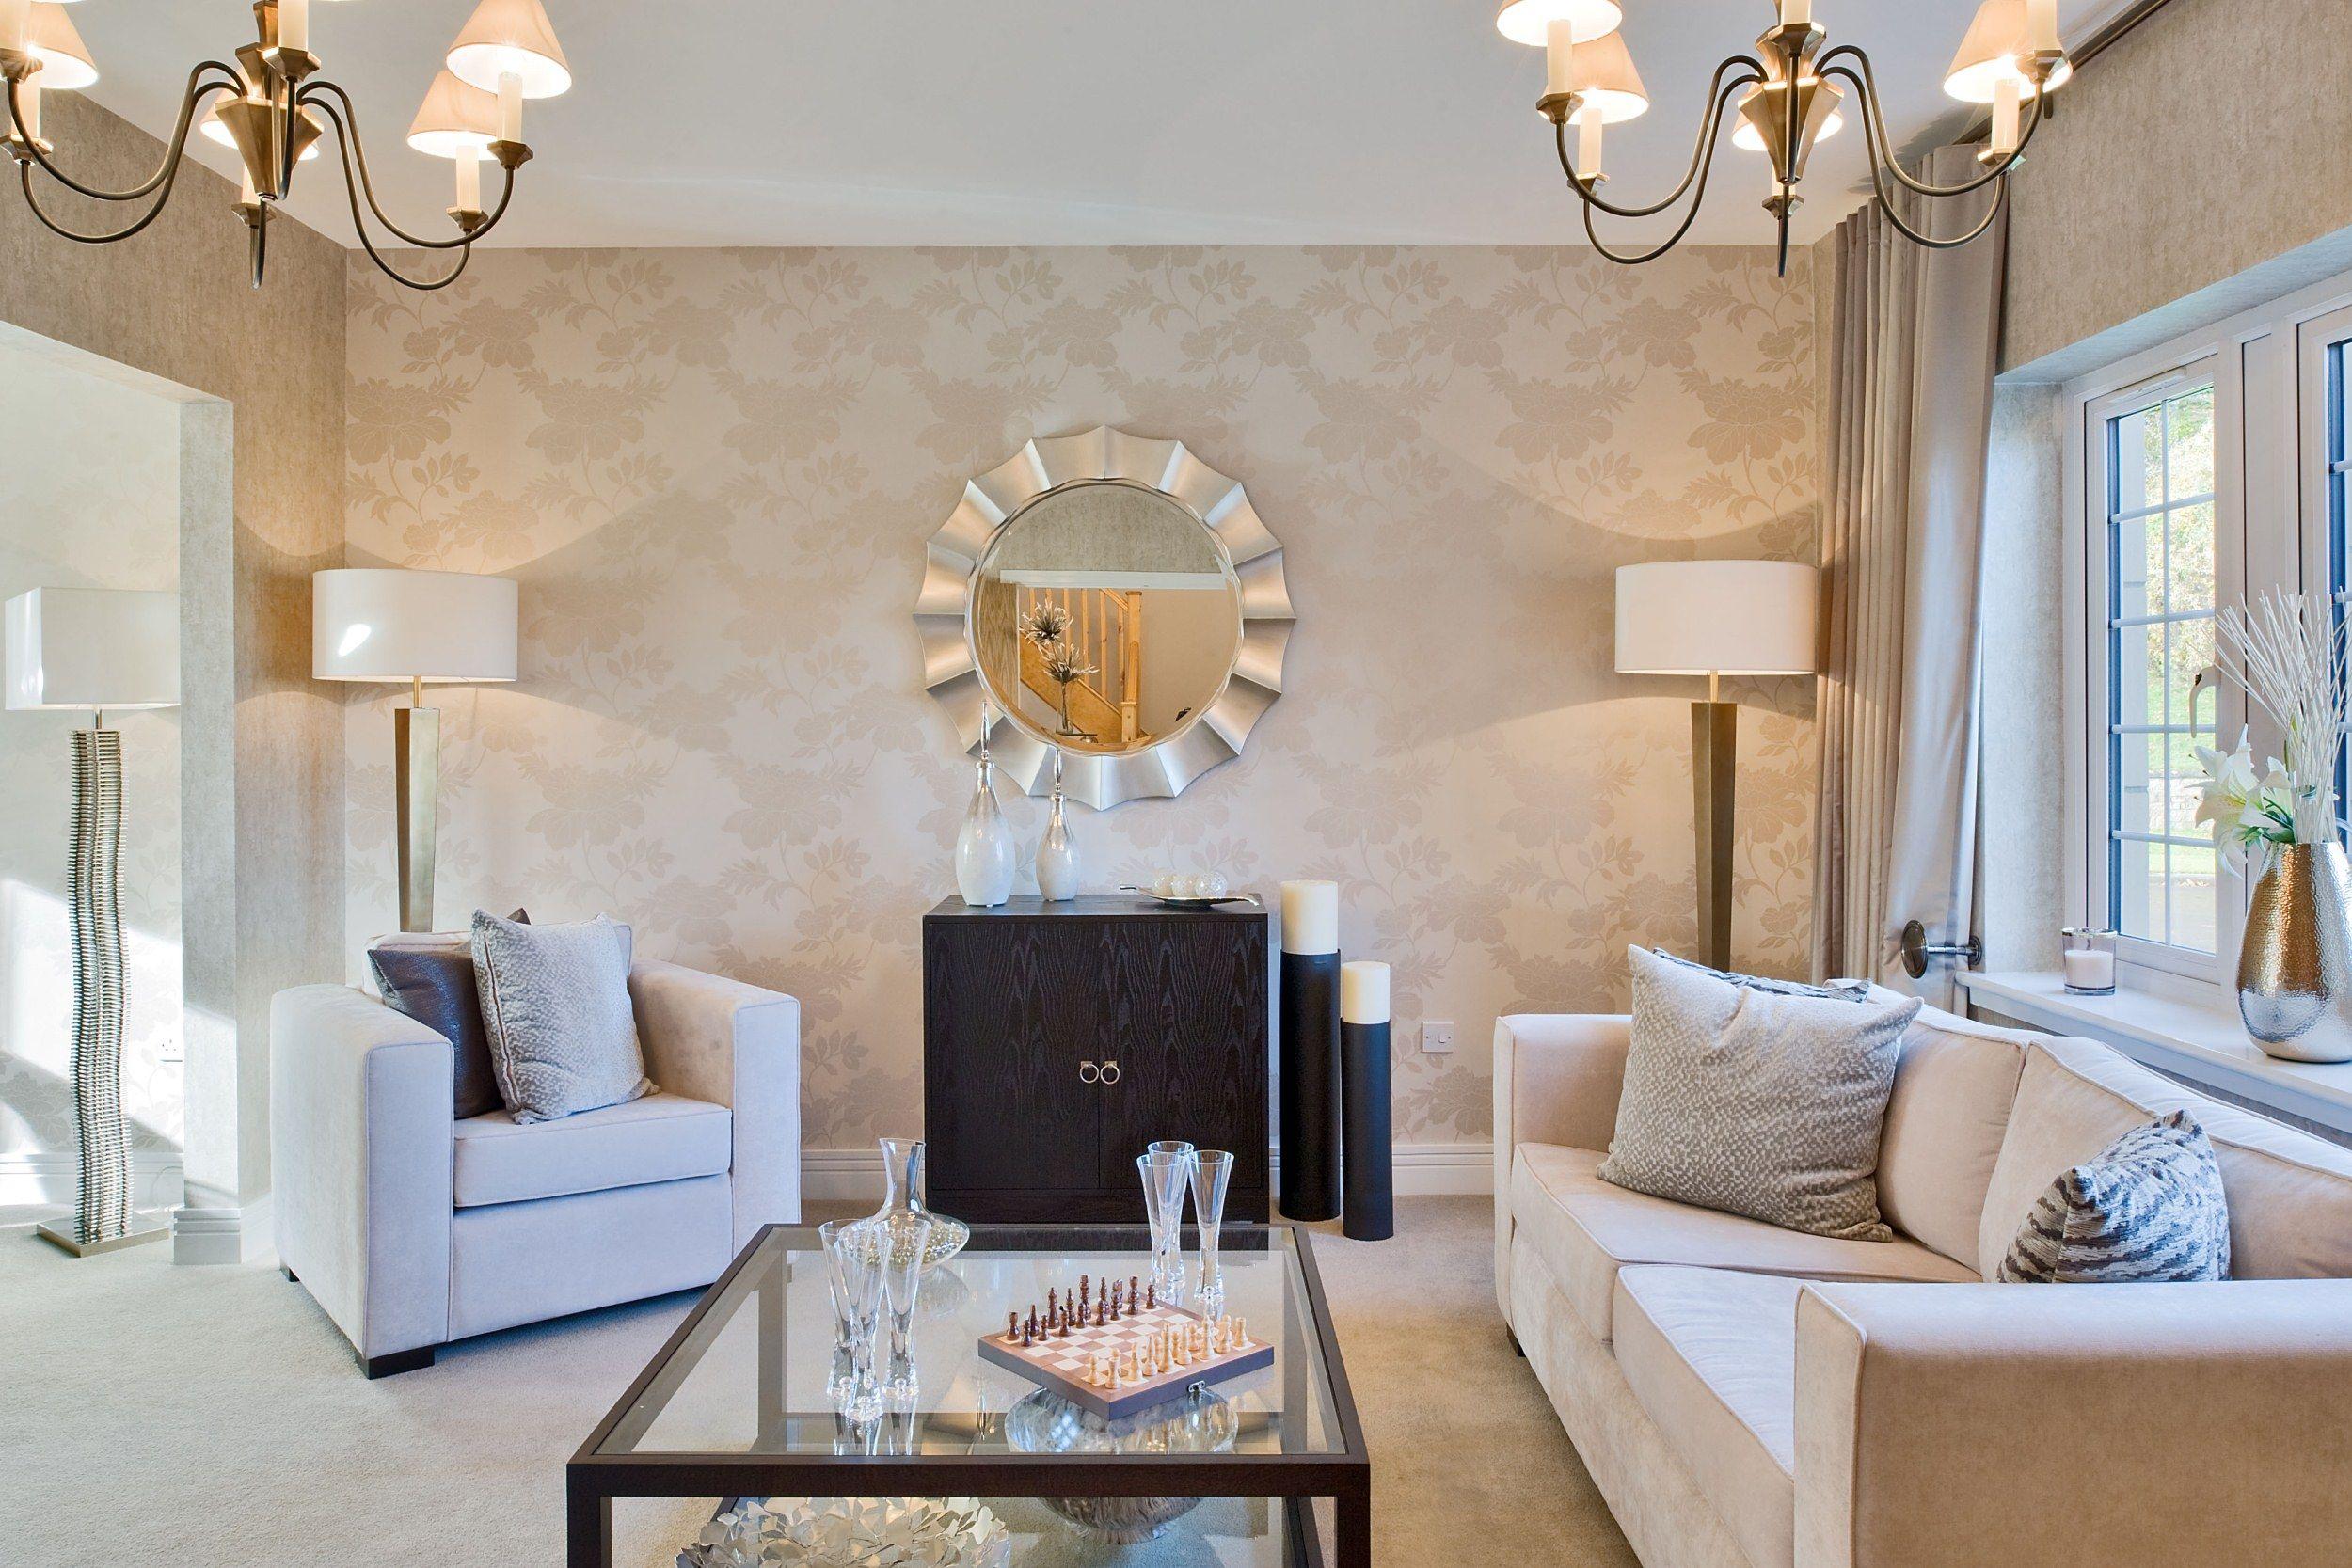 Kennedy Showhome Living Room Jpg 2500 1667